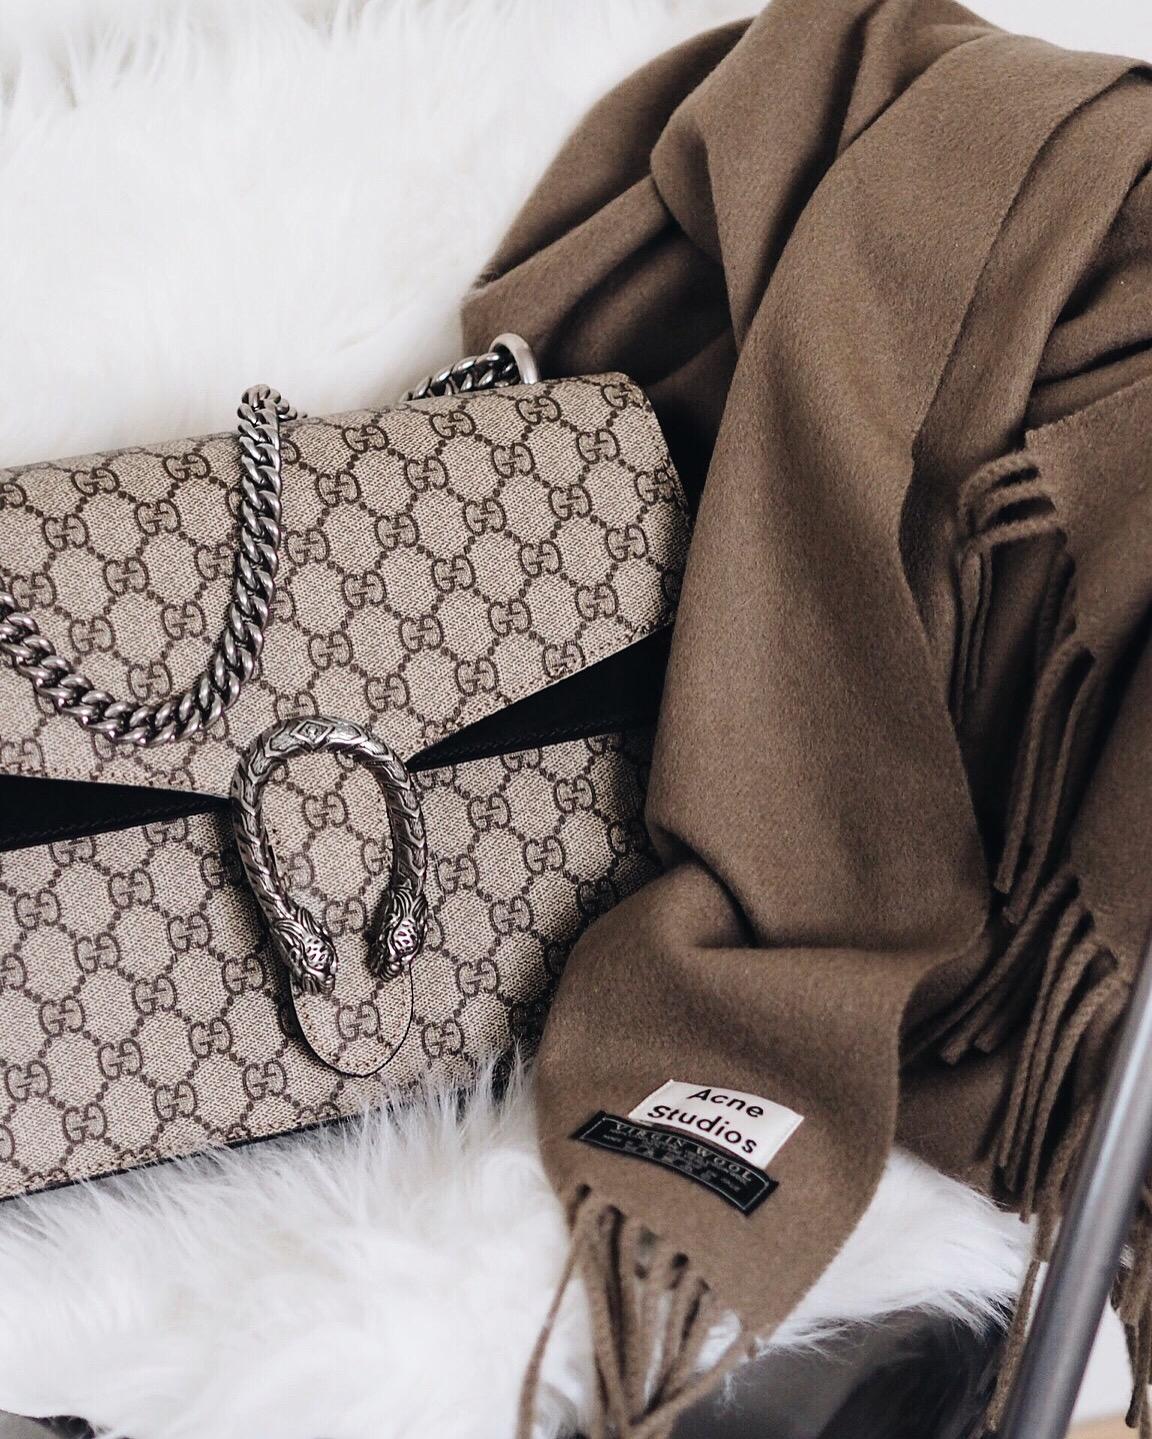 f4cd07057142 Bag Talk  Gucci Dionysus (Review) - missjesf.